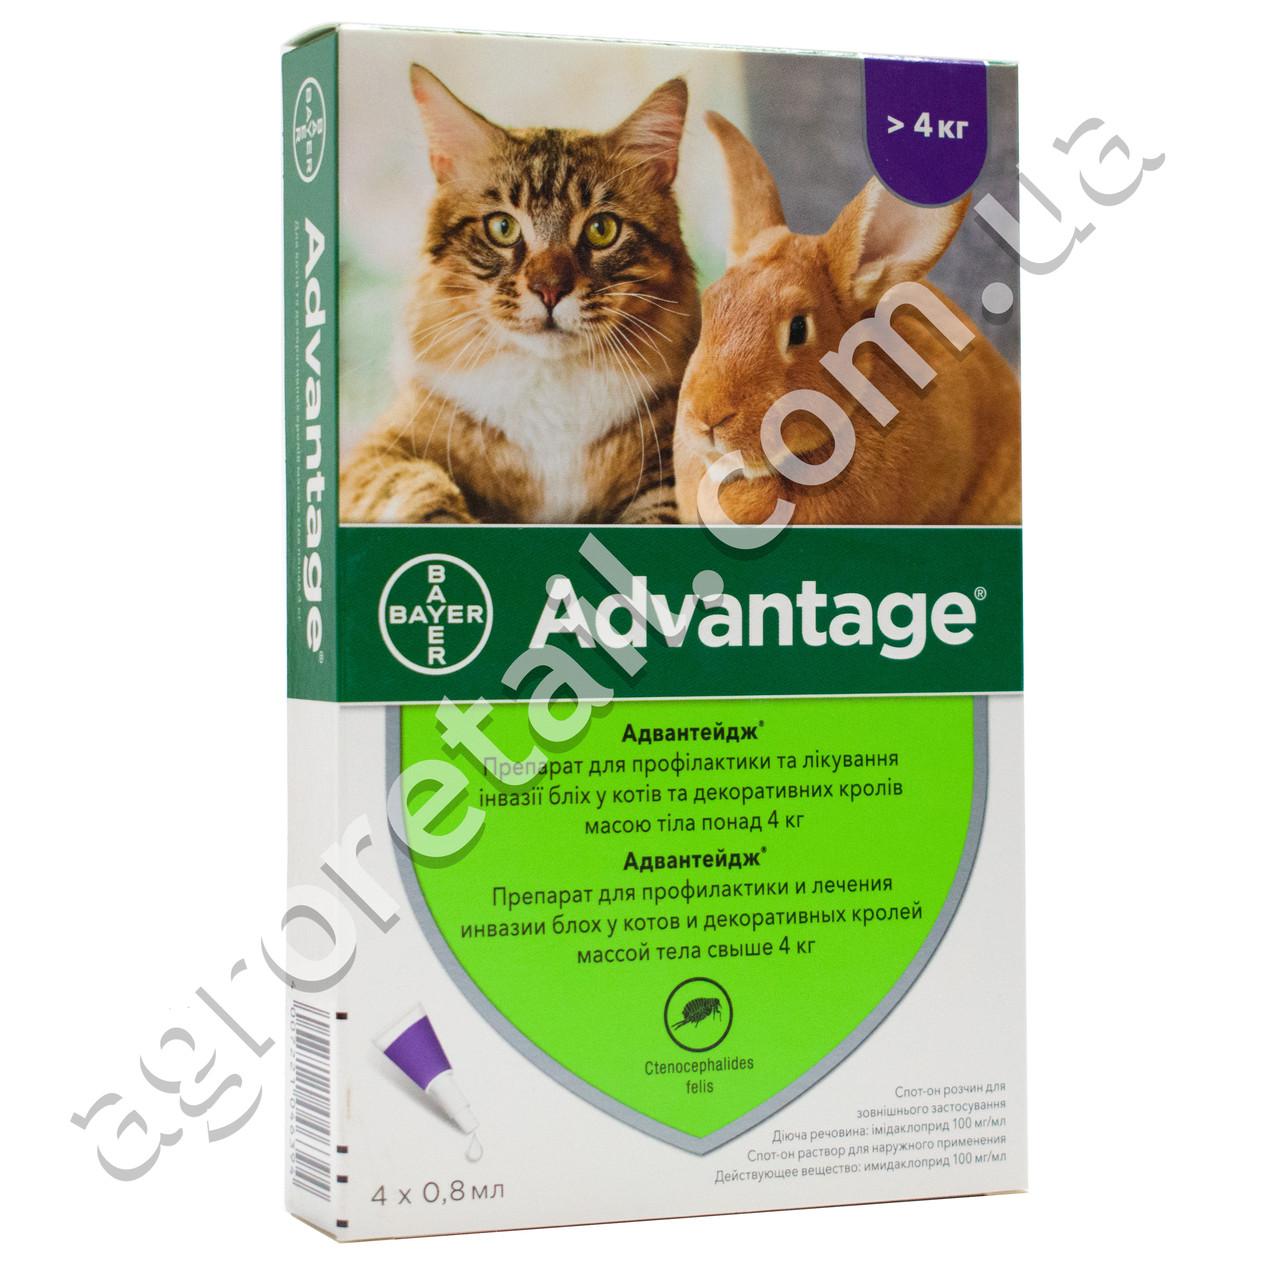 Advantage капли для котов и декоративных кроликов от 4 до 8 кг